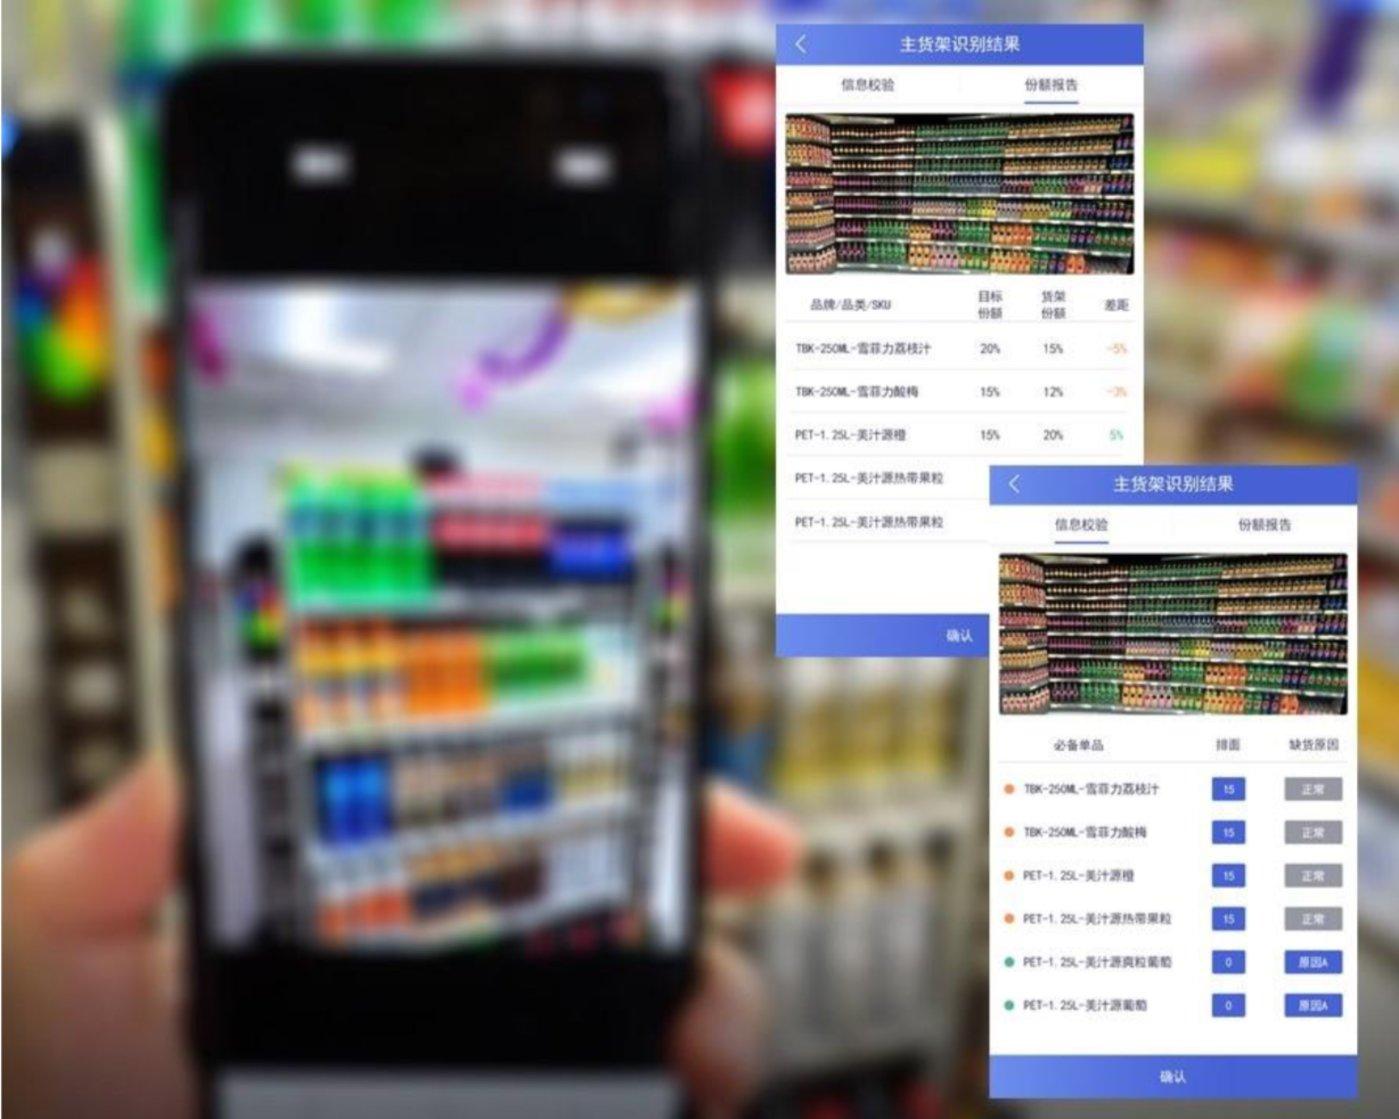 扩博智能的机器视觉技术可以应用快消行业的门店巡检环节。